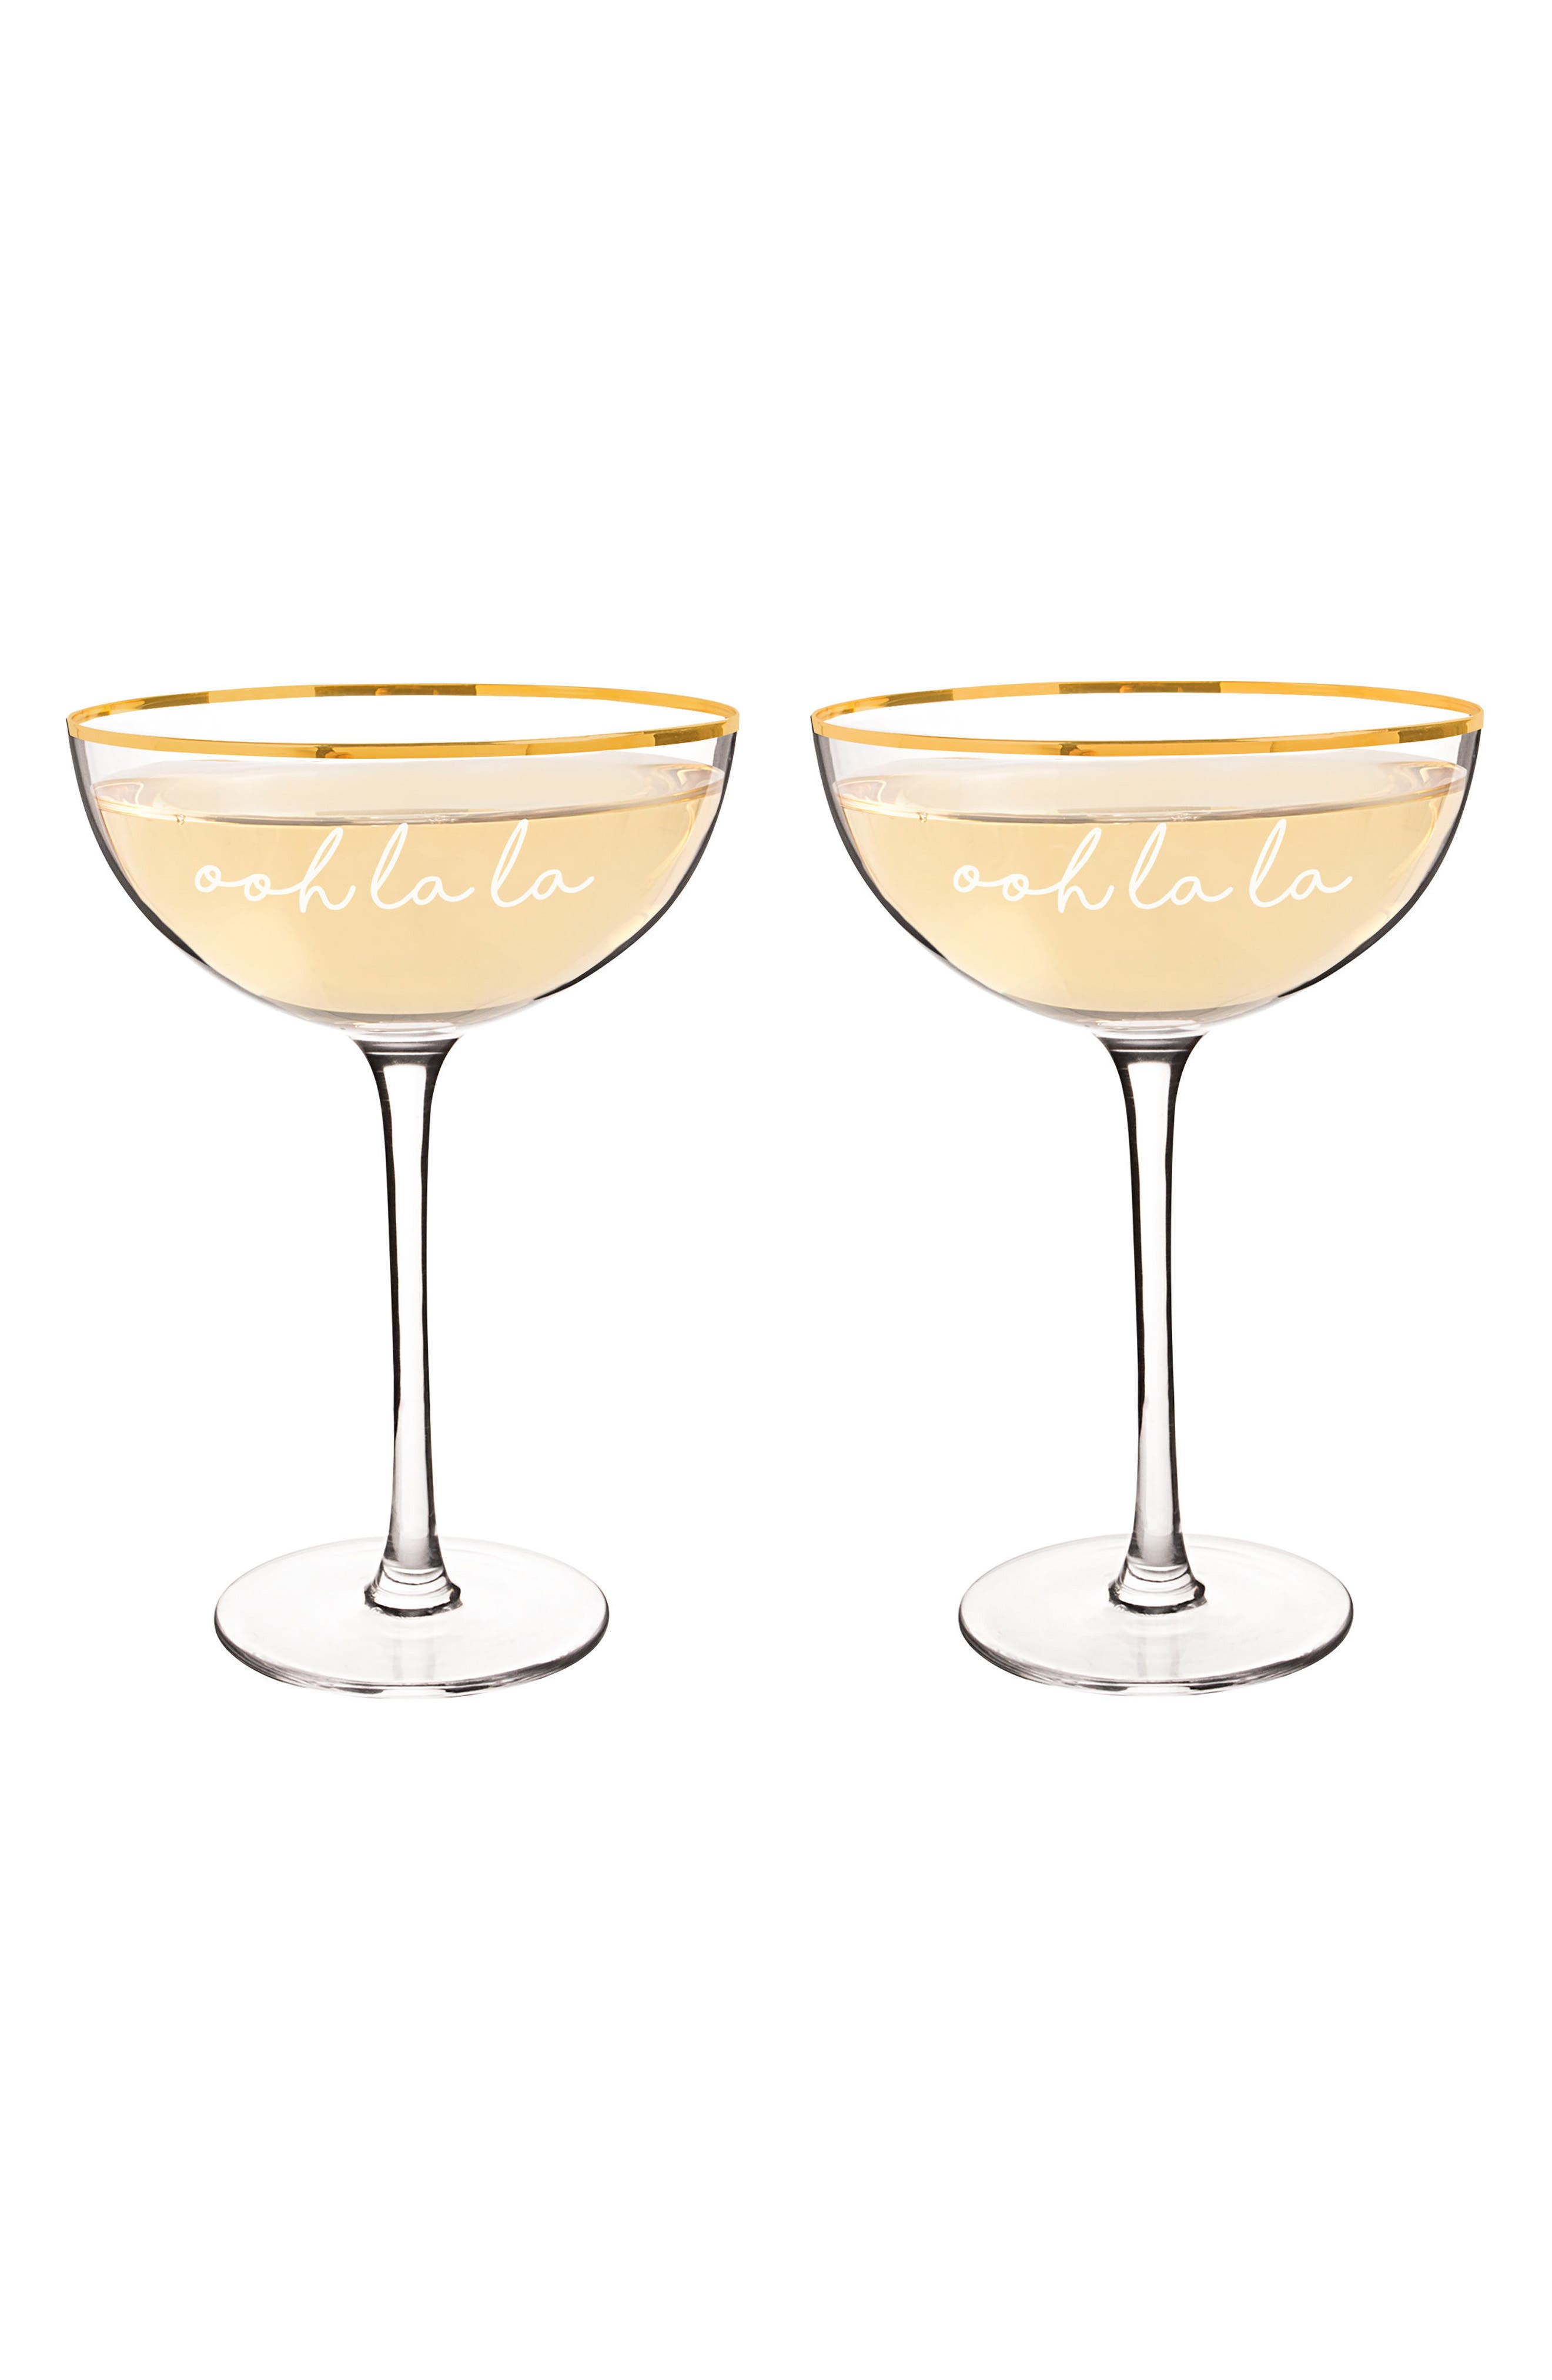 Ooh La La Set of 2 Champagne Coupes,                             Main thumbnail 1, color,